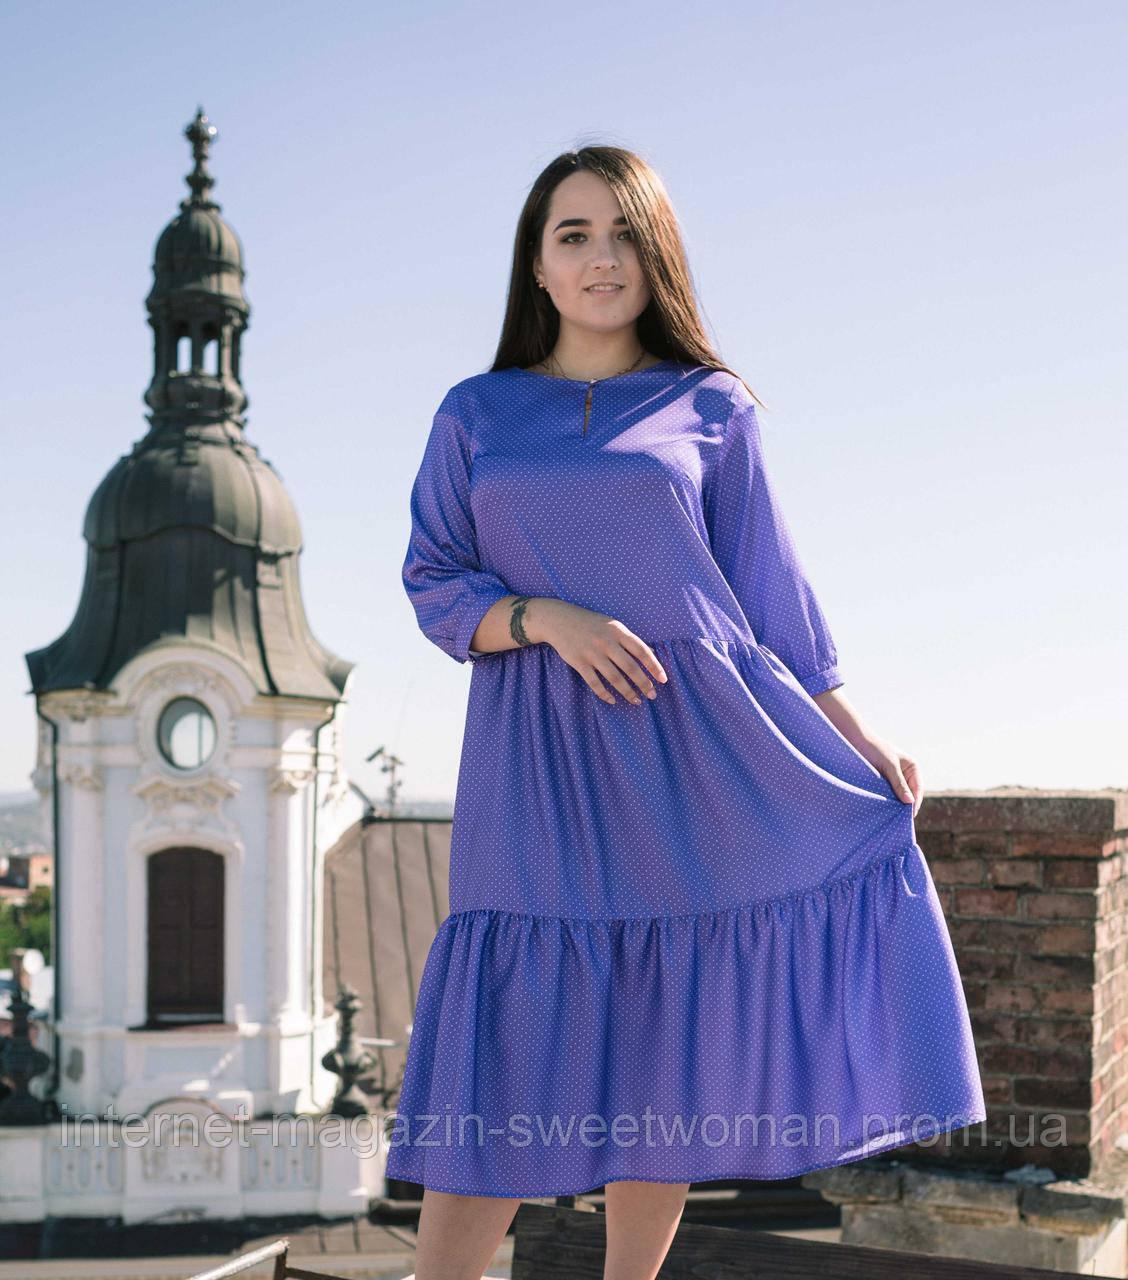 Стильна сукня VEREZHIK HOUSE